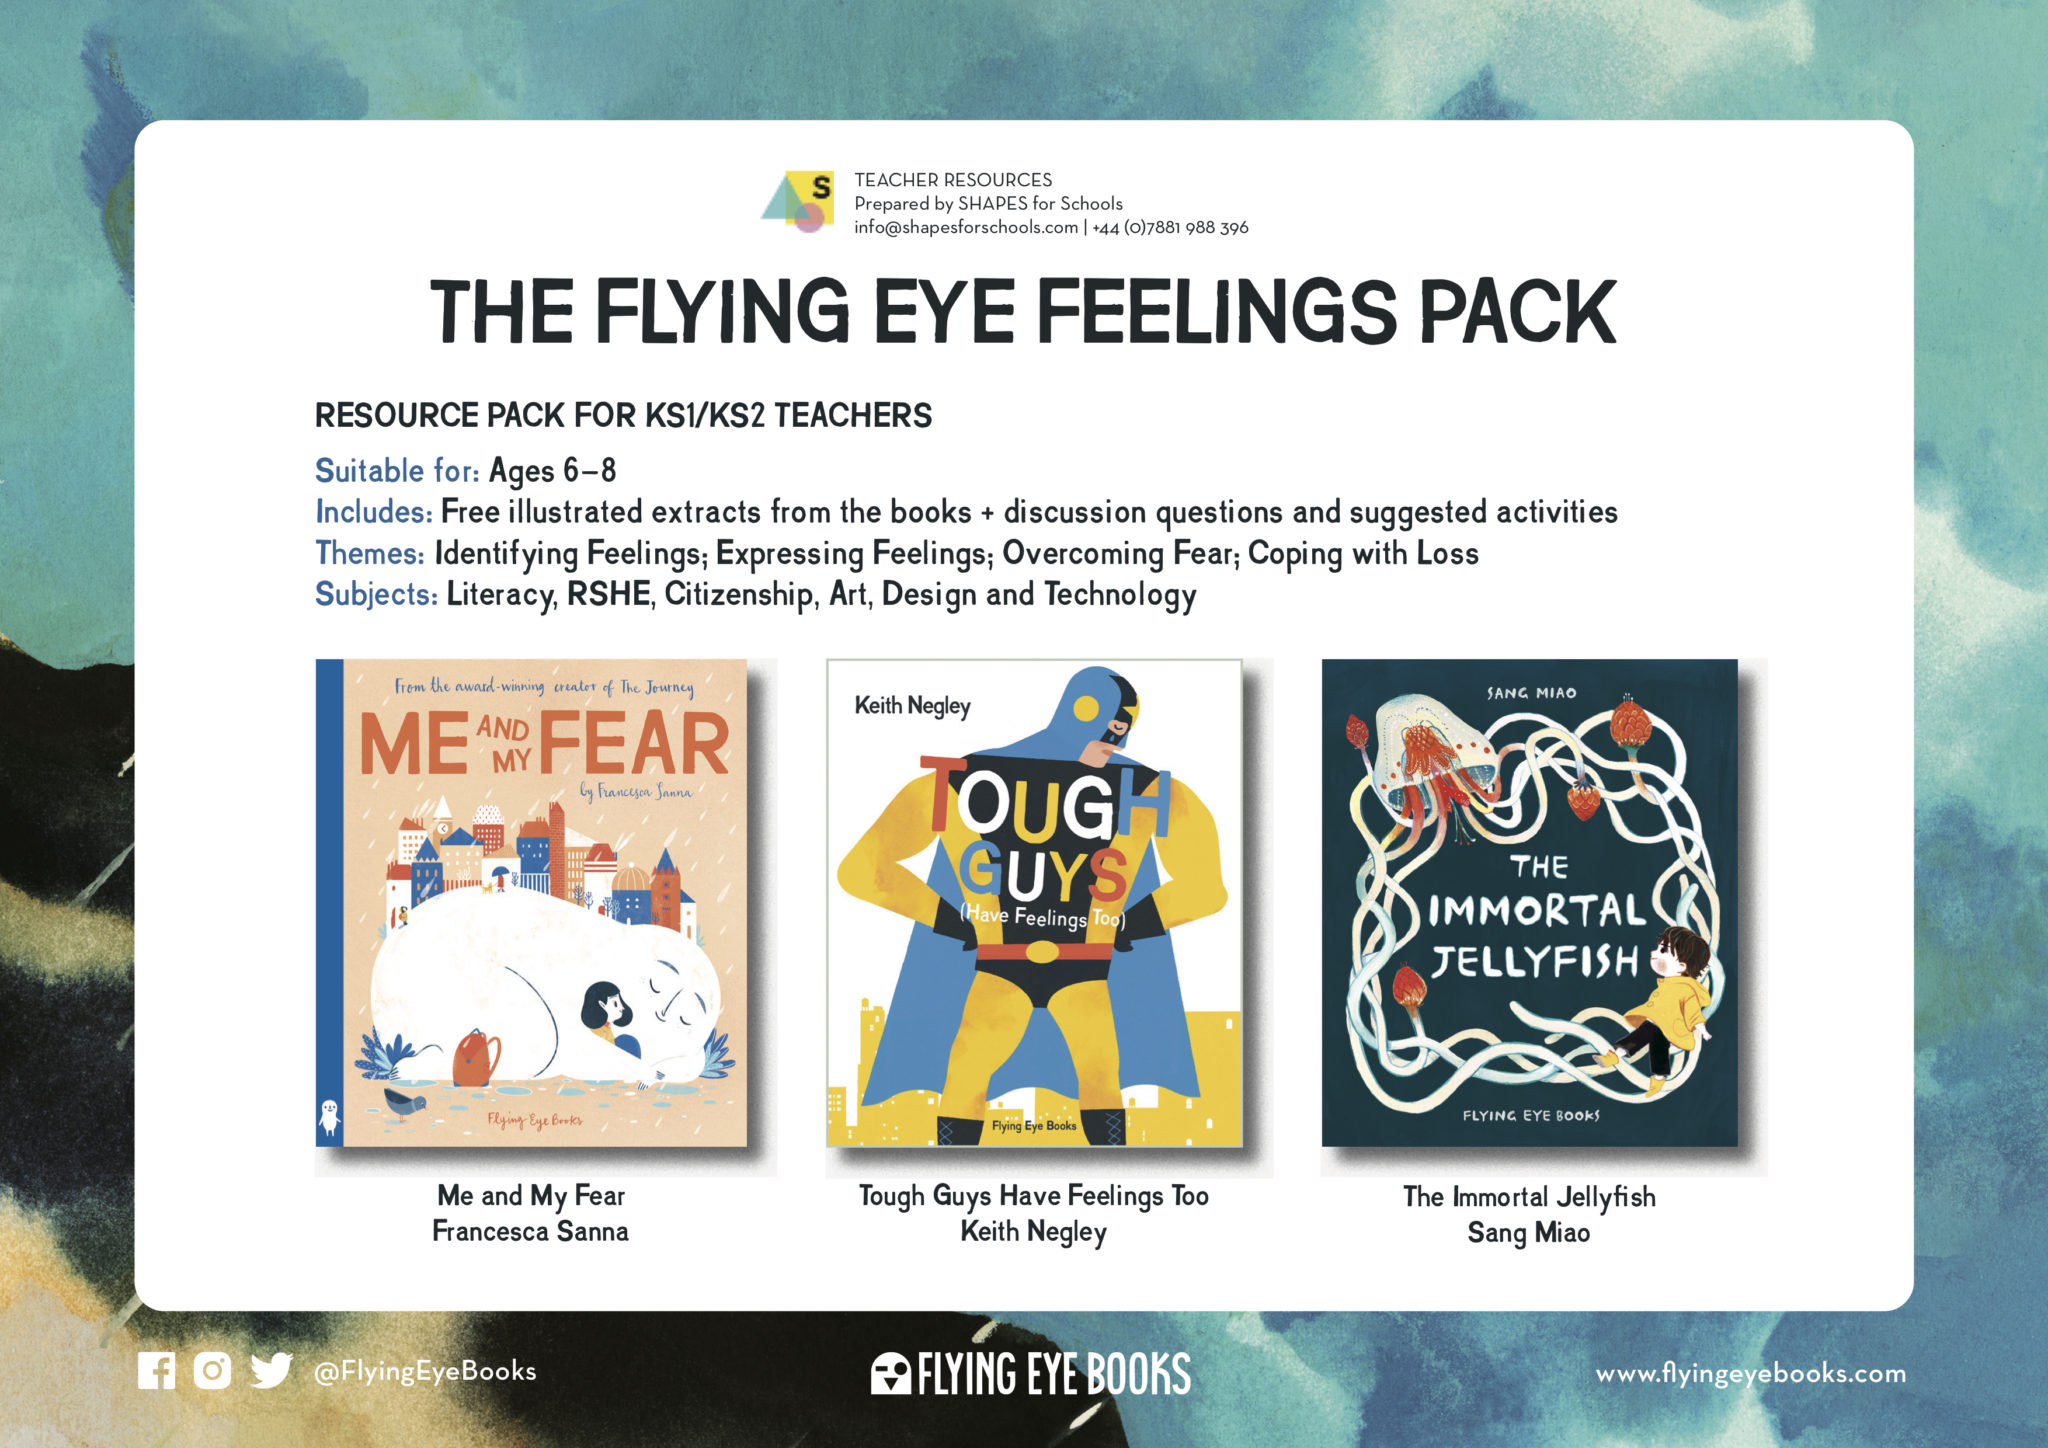 Flying Eye Books